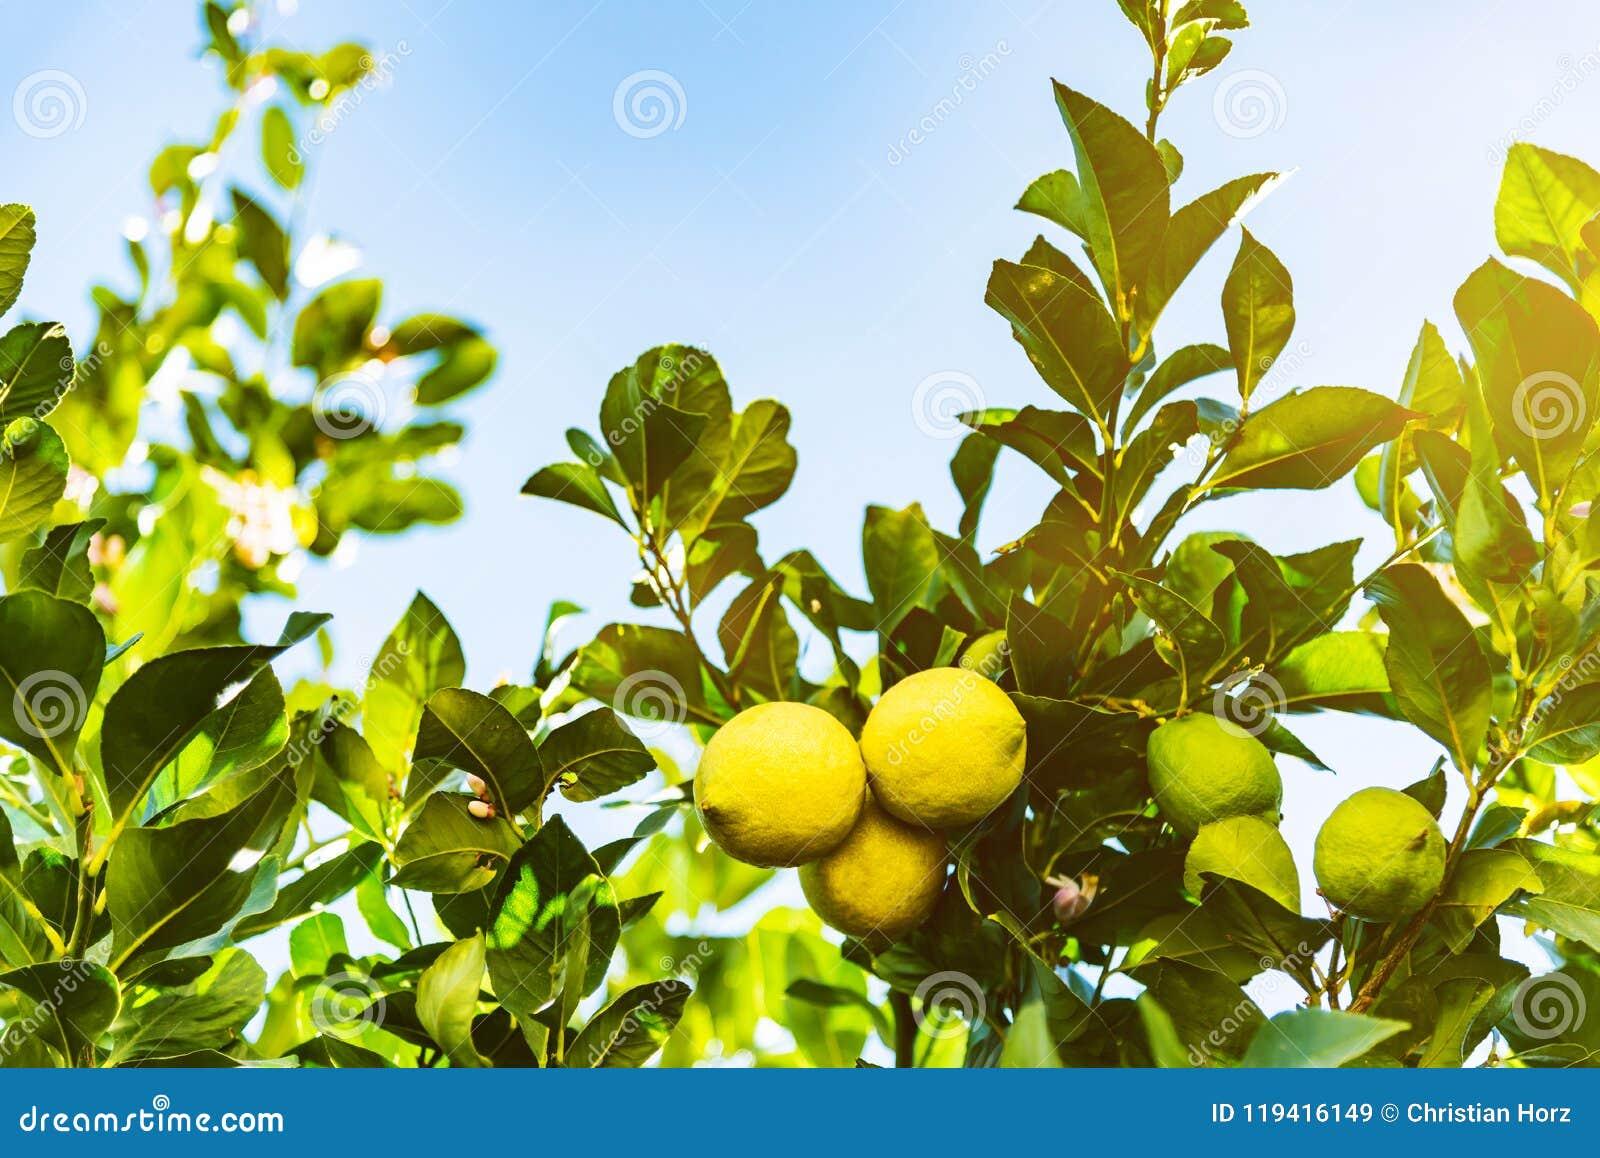 Primer de limones verdes amarillos e inmaduros maduros en árbol contra el cielo azul